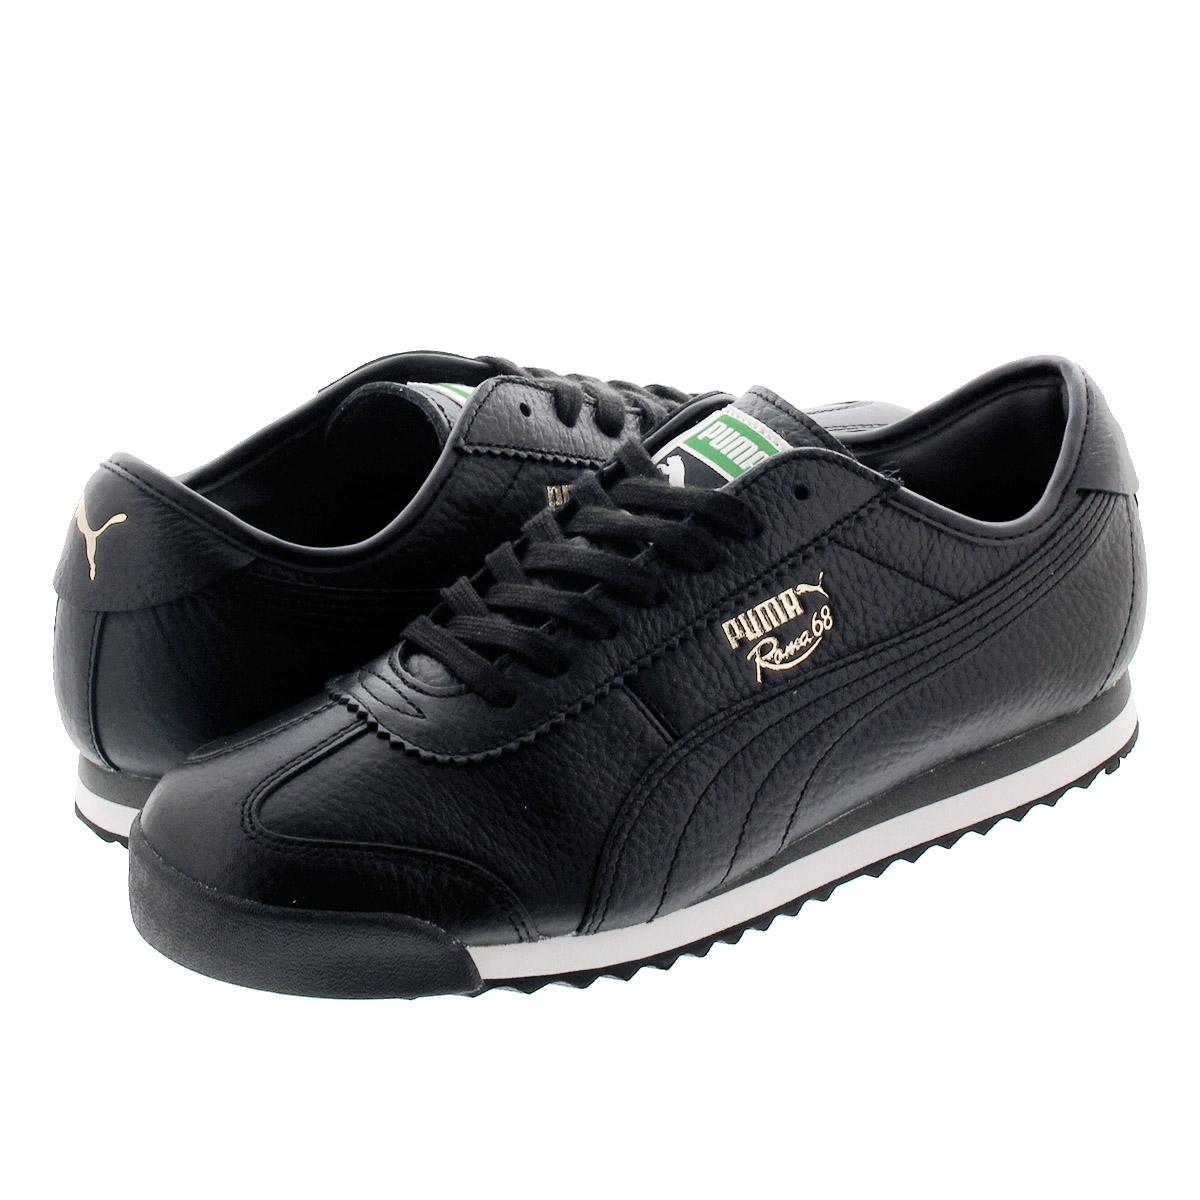 PUMA ROMA 68 VINTAGE Puma 68, Rome vintage BLACKCASTLEROCK 370,051 04